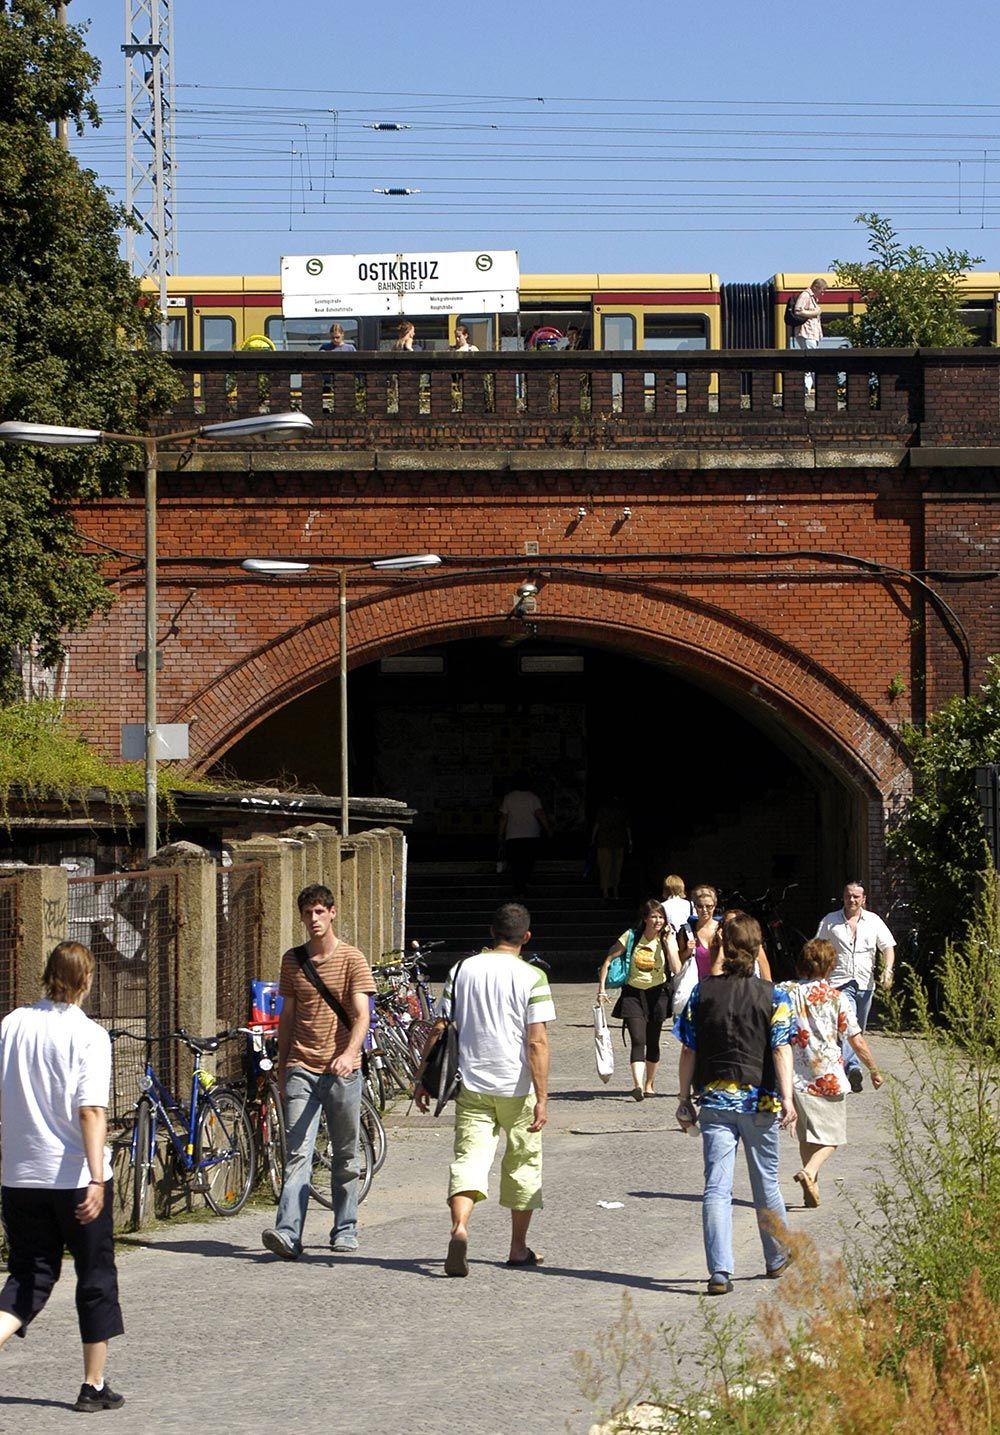 Berlin 2006 am Bahnhof Ostkreuz